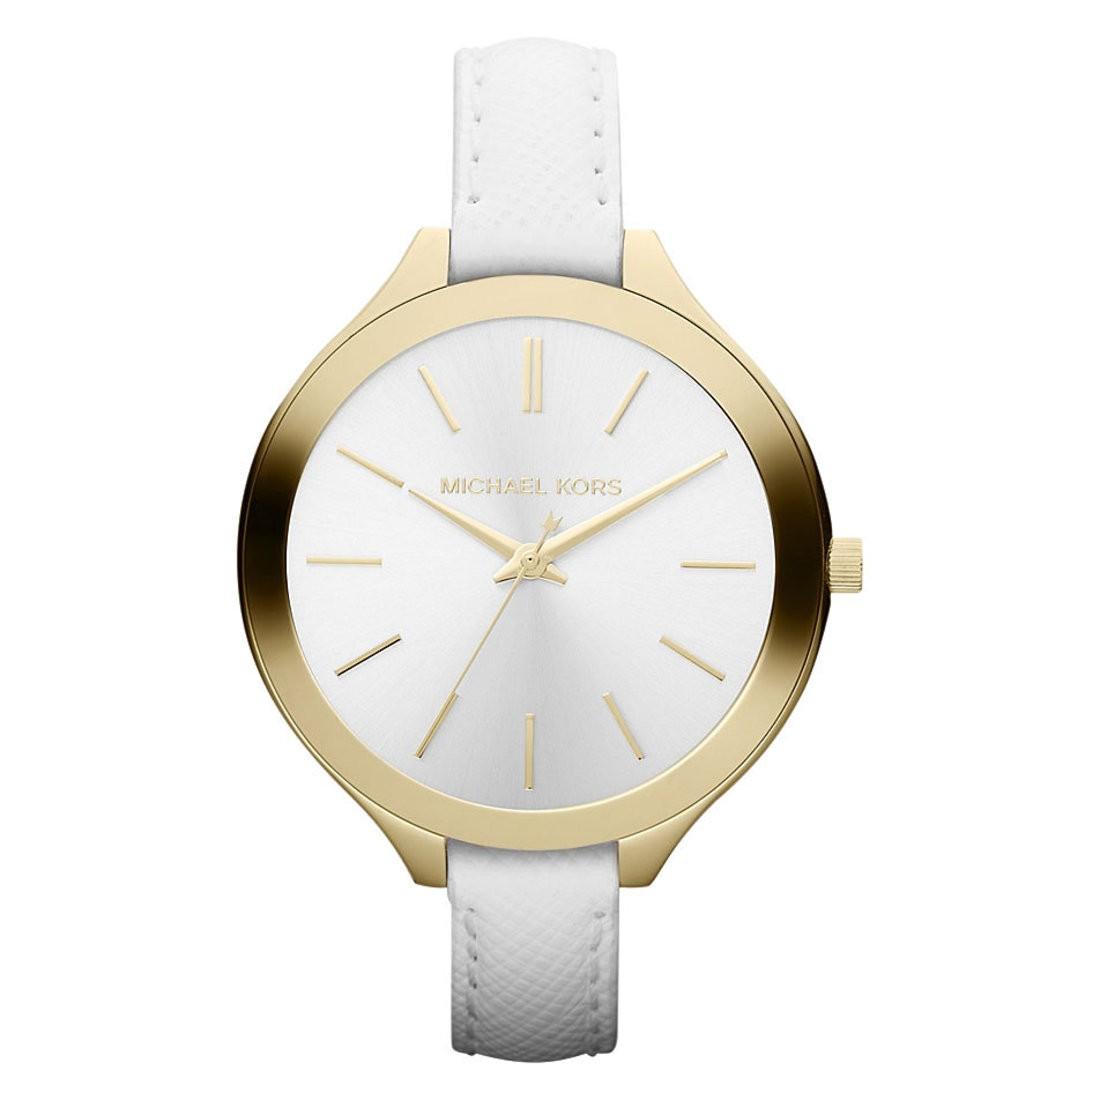 Michael Kors Ladies Slim Runway White & Gold Watch MK2273